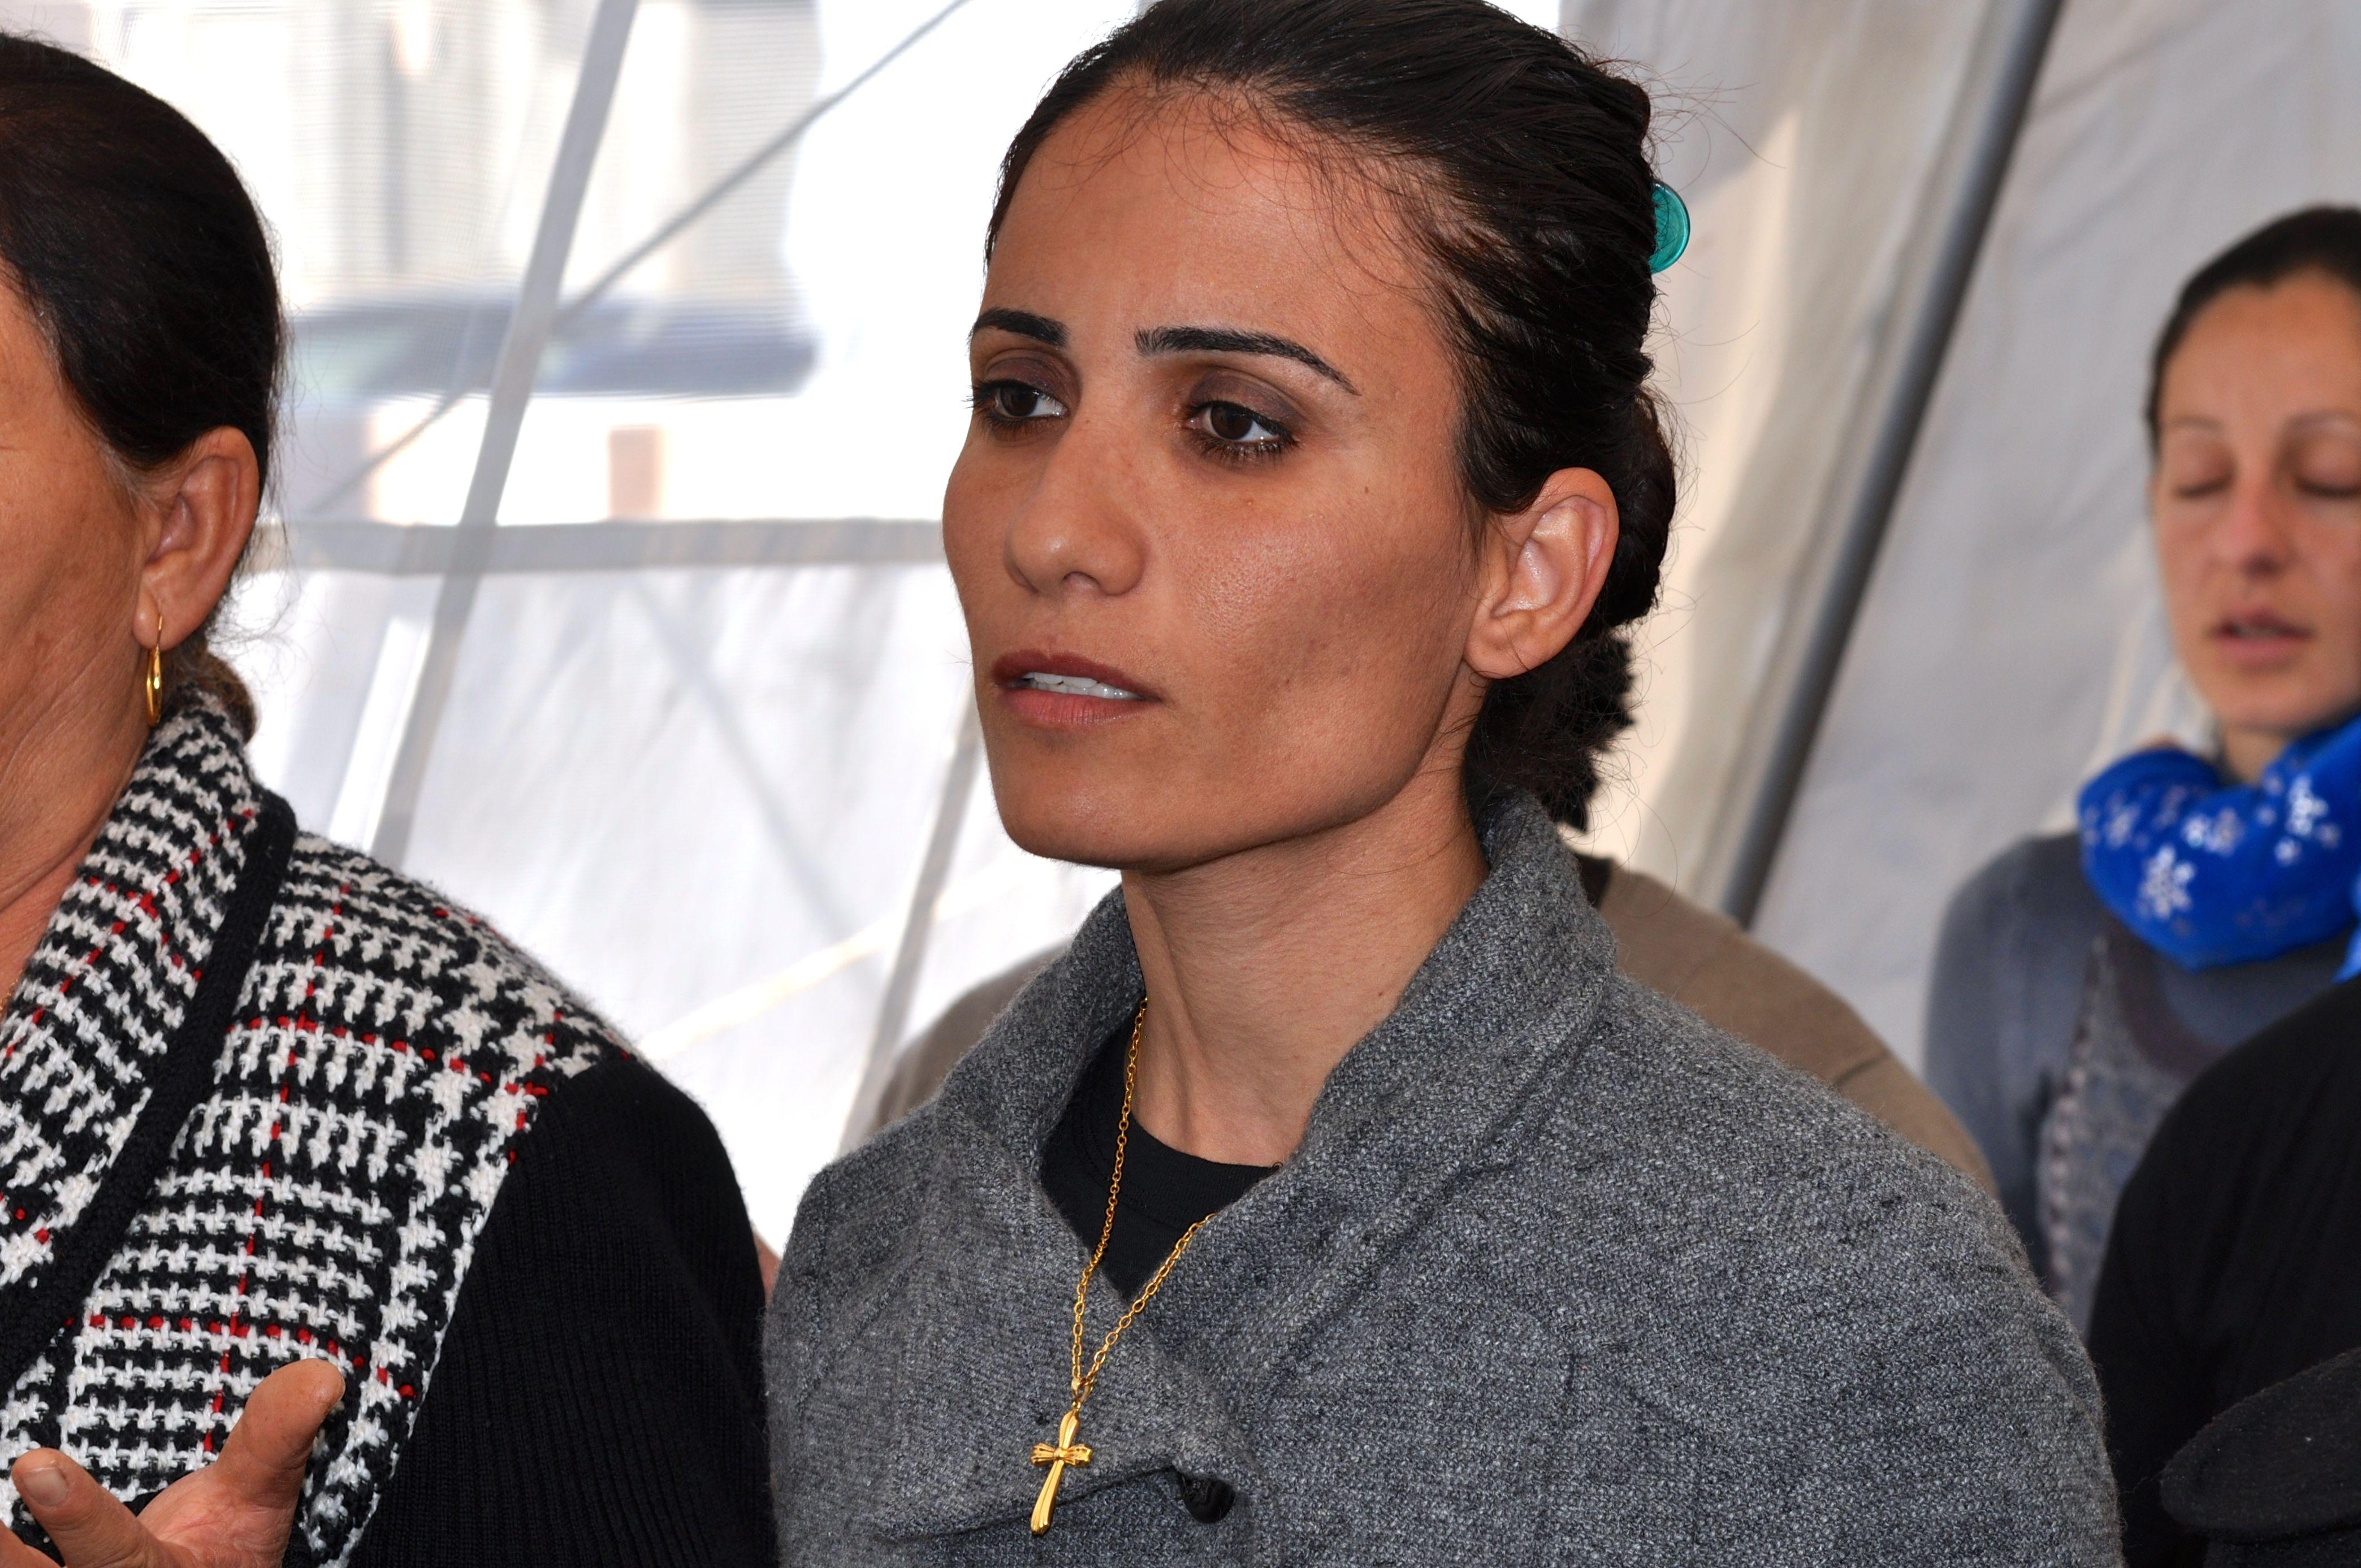 Regione Lombardia riconosce il genocidio dei cristiani in Medio Oriente